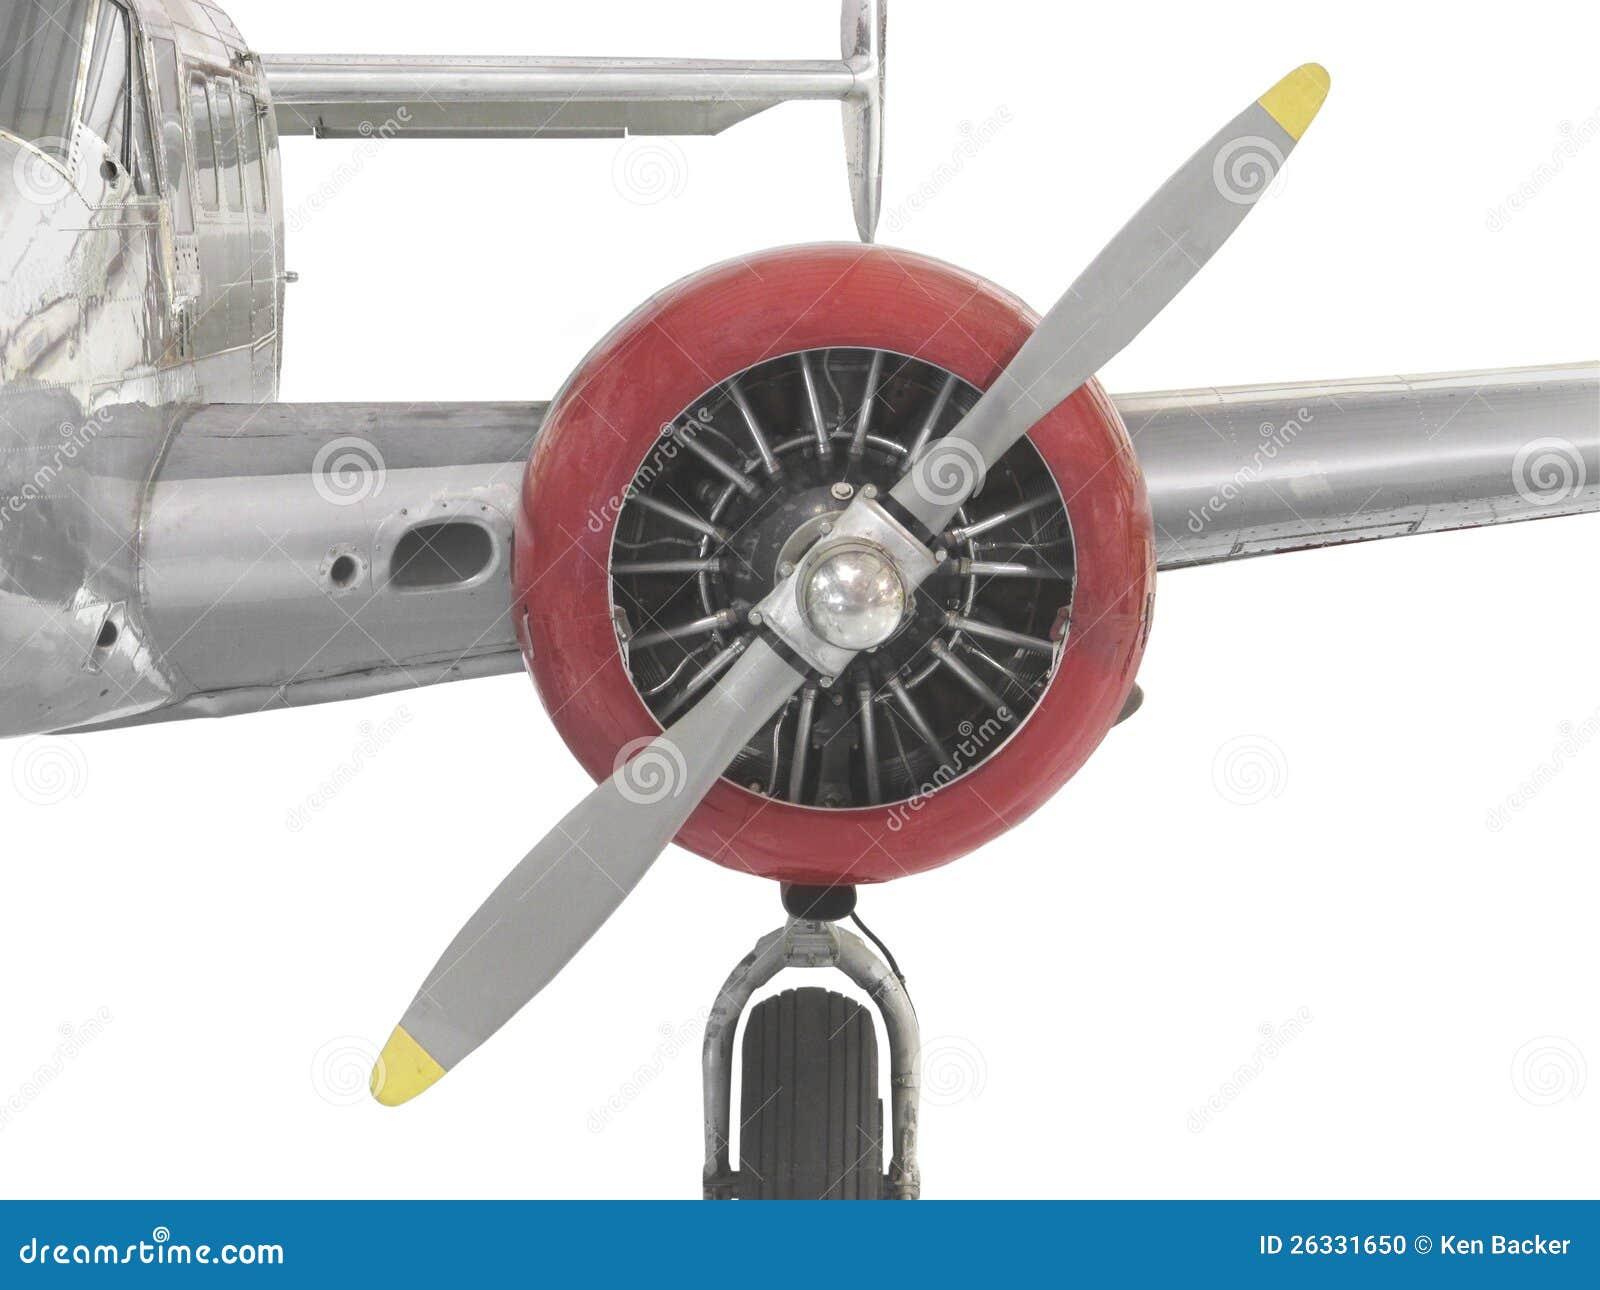 3e423812177e Vintage Airplane Engine